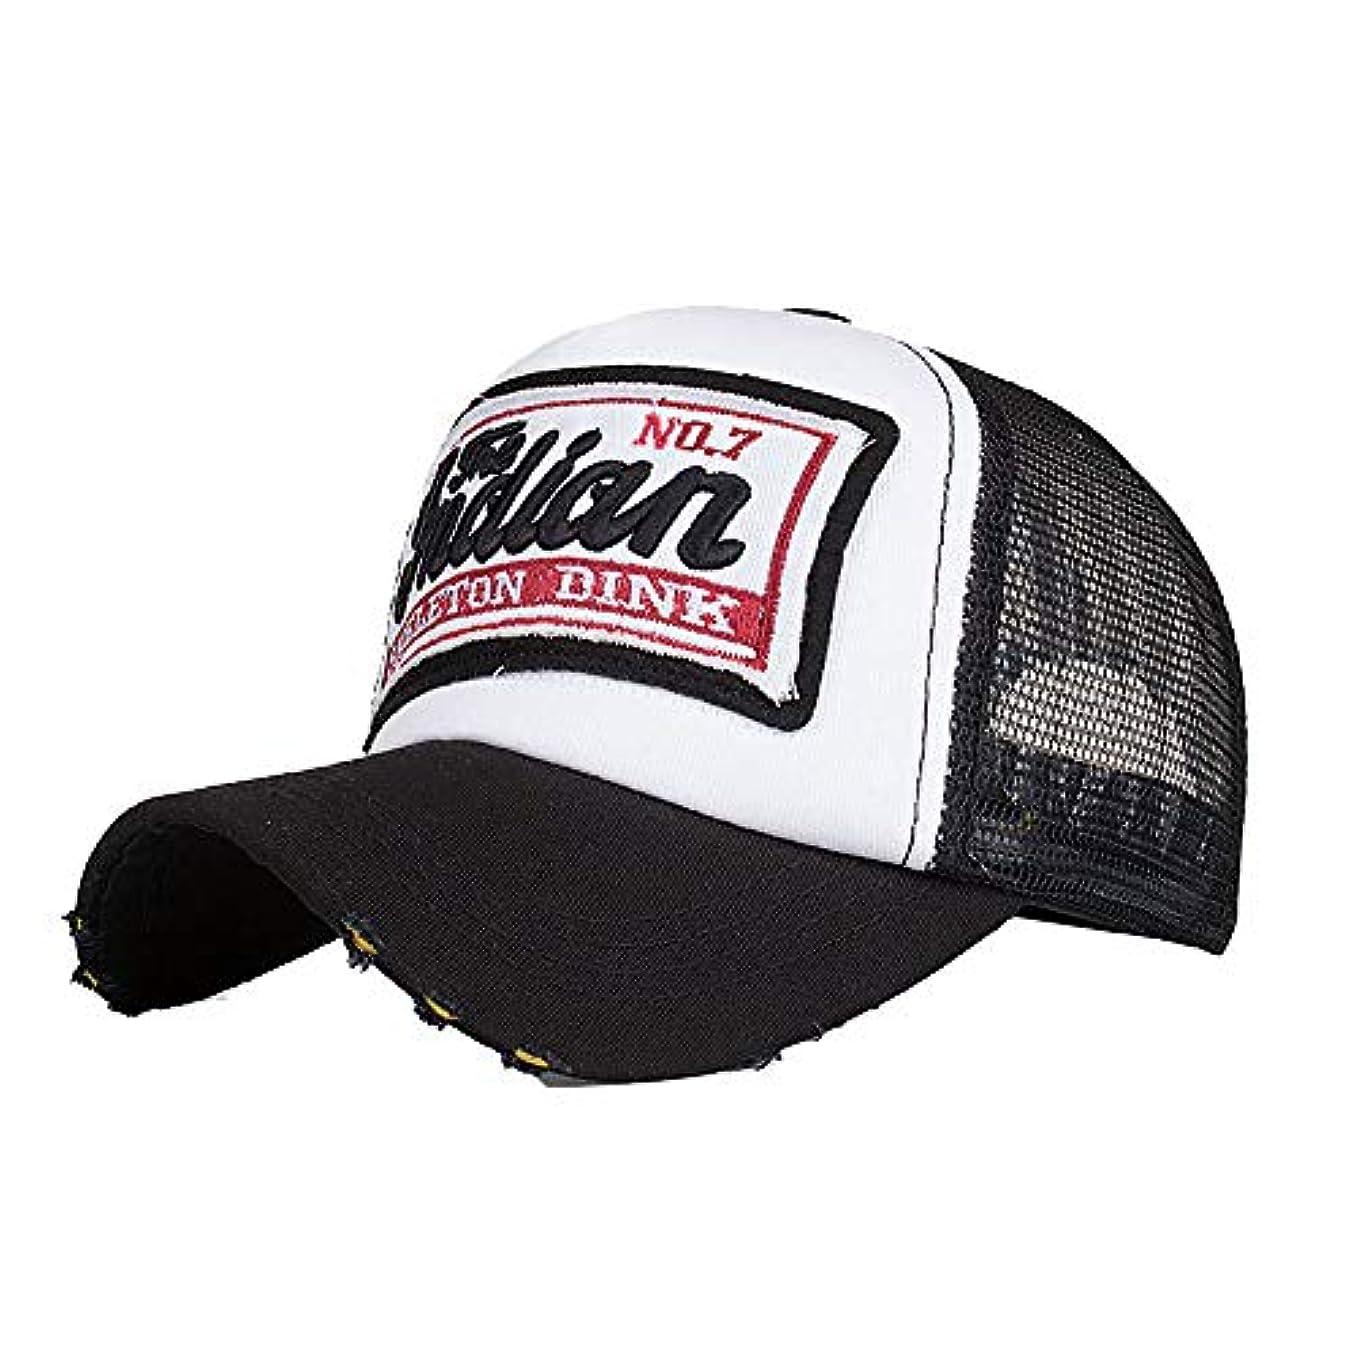 アンデス山脈民間カブRacazing パッチワーク 野球帽 ヒップホップ メンズ 夏 登山 帽子メッシュ 可調整可能 プラスベルベット 棒球帽 UV 帽子 軽量 屋外 Unisex 鸭舌帽 Hat Cap